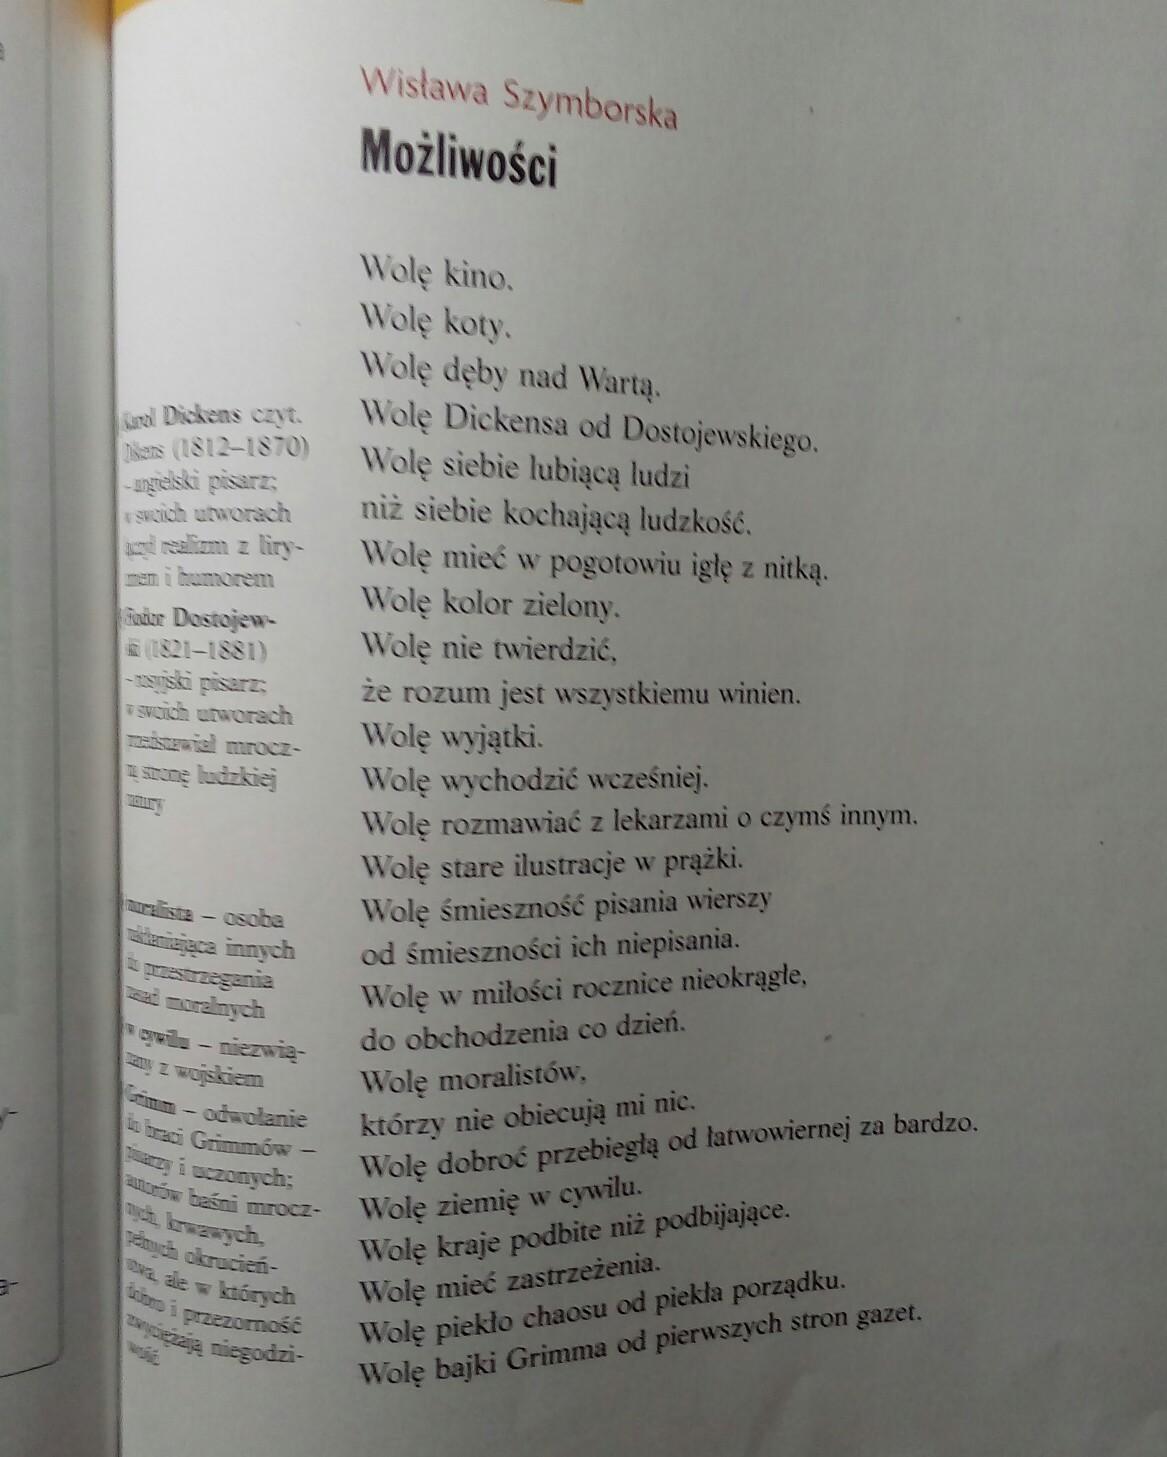 Czy Możliwości Wislawa Szymborska To Wiersz Czy Proza Plis O